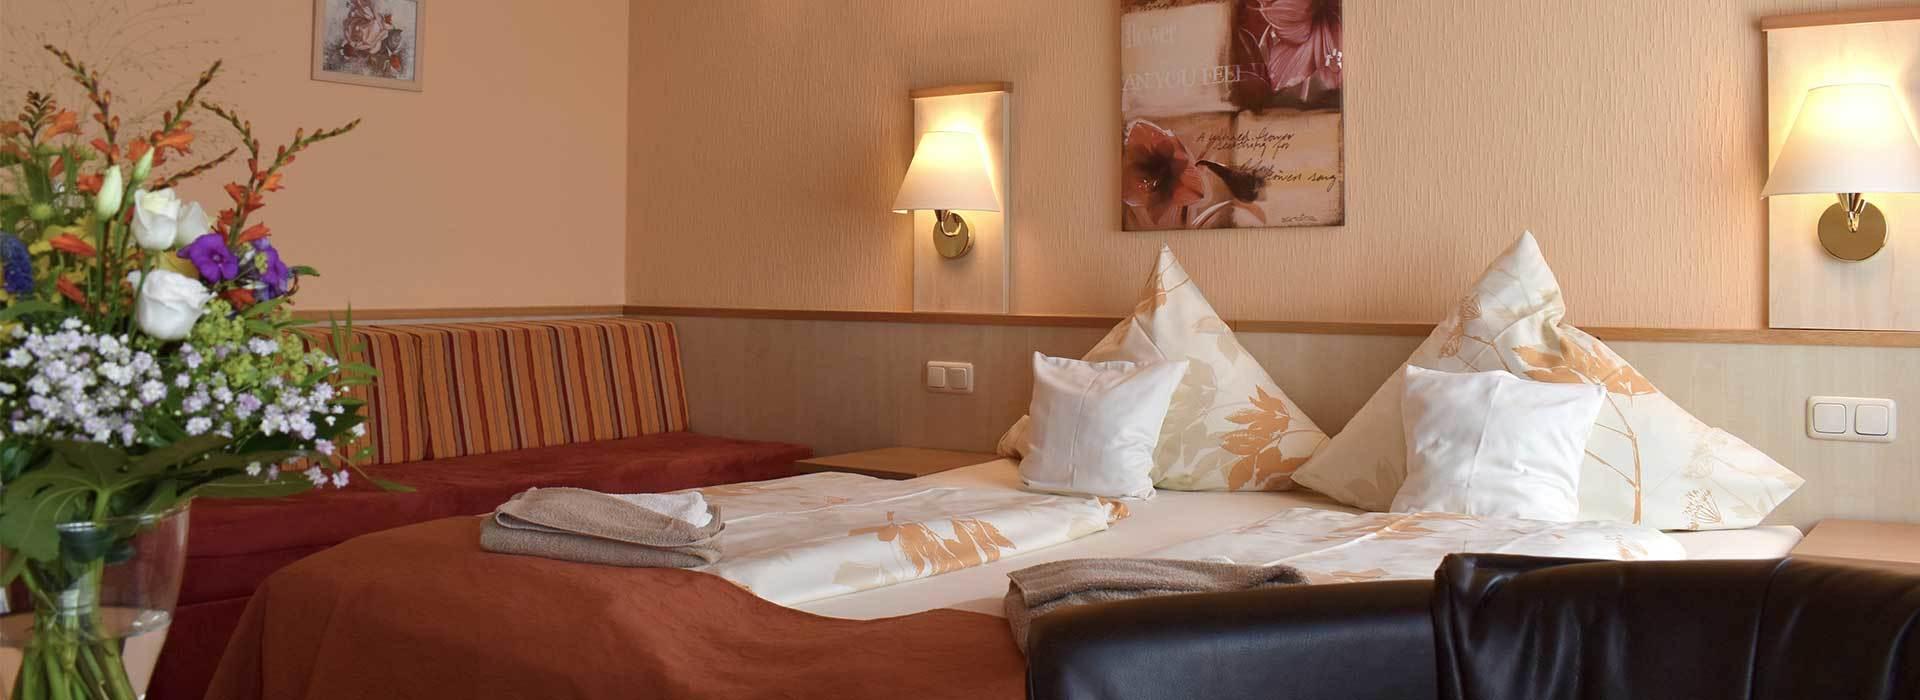 Familienzimmer im Schlossberghotel für Familientreffen